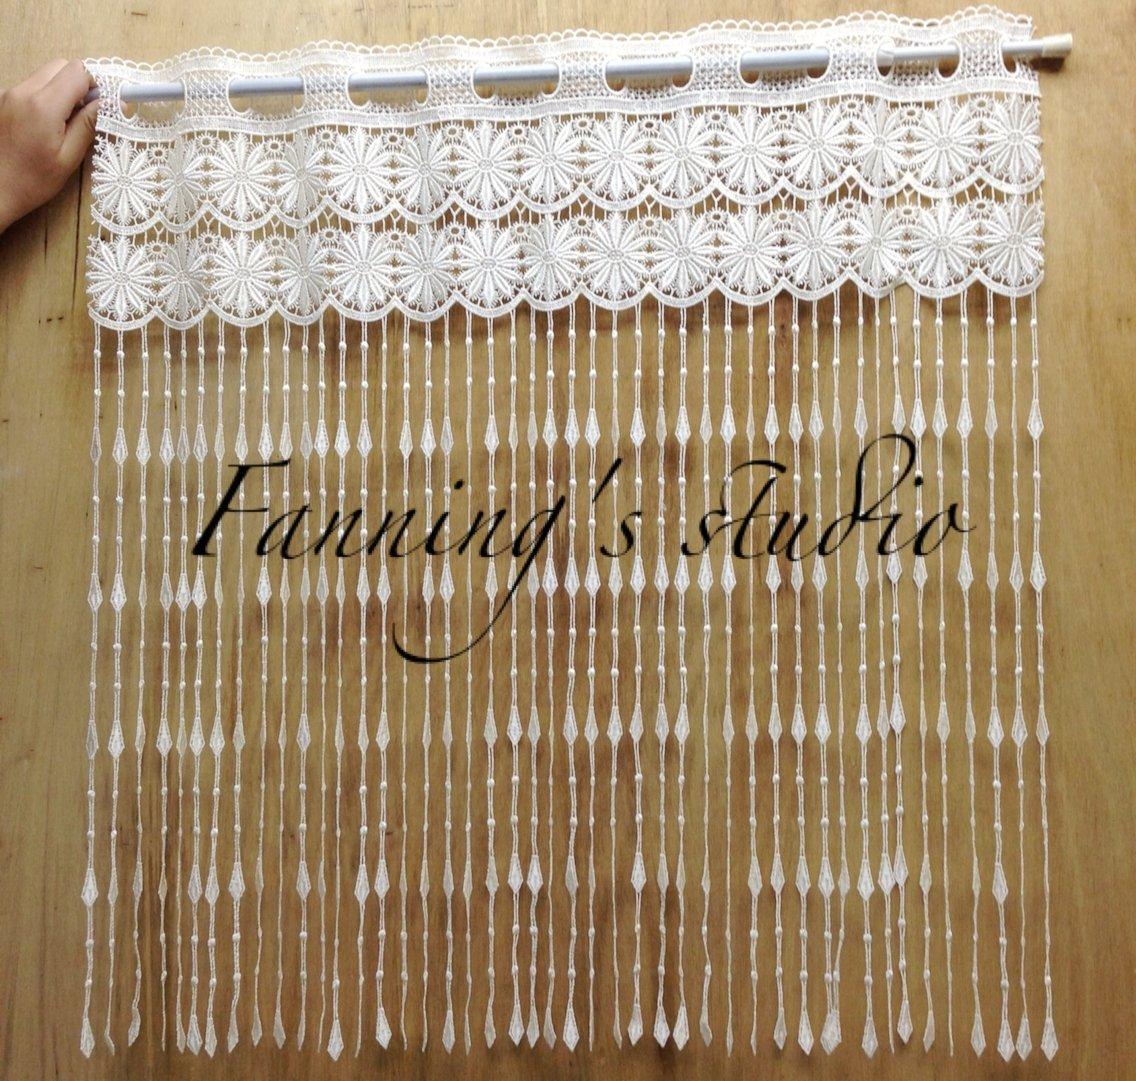 【芬妮卡Fanning服飾材料工坊】小菊花x菱形格窗簾蕾絲 高75cm 1尺入 米白色